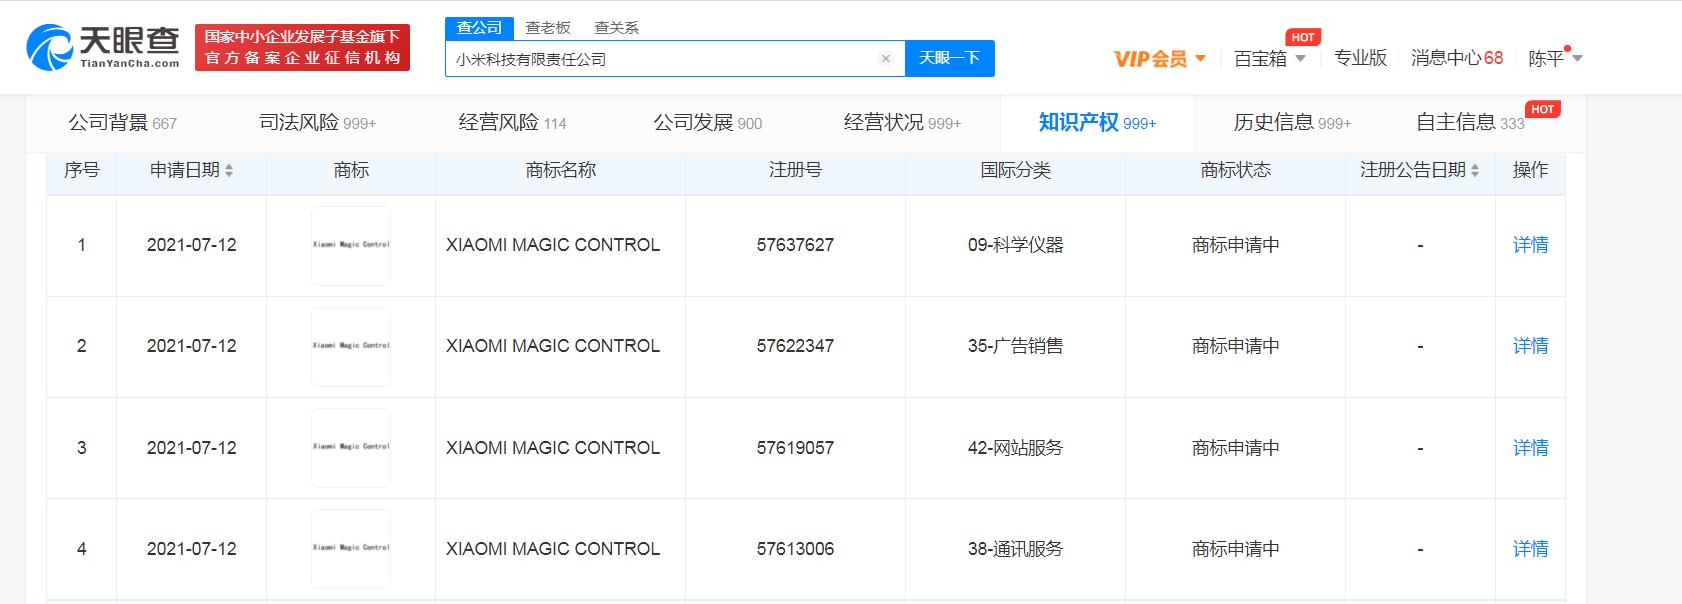 """小米公司申请""""XIAOMI MAGIC CONTROL""""商标,英文商标取名技巧有哪些?"""